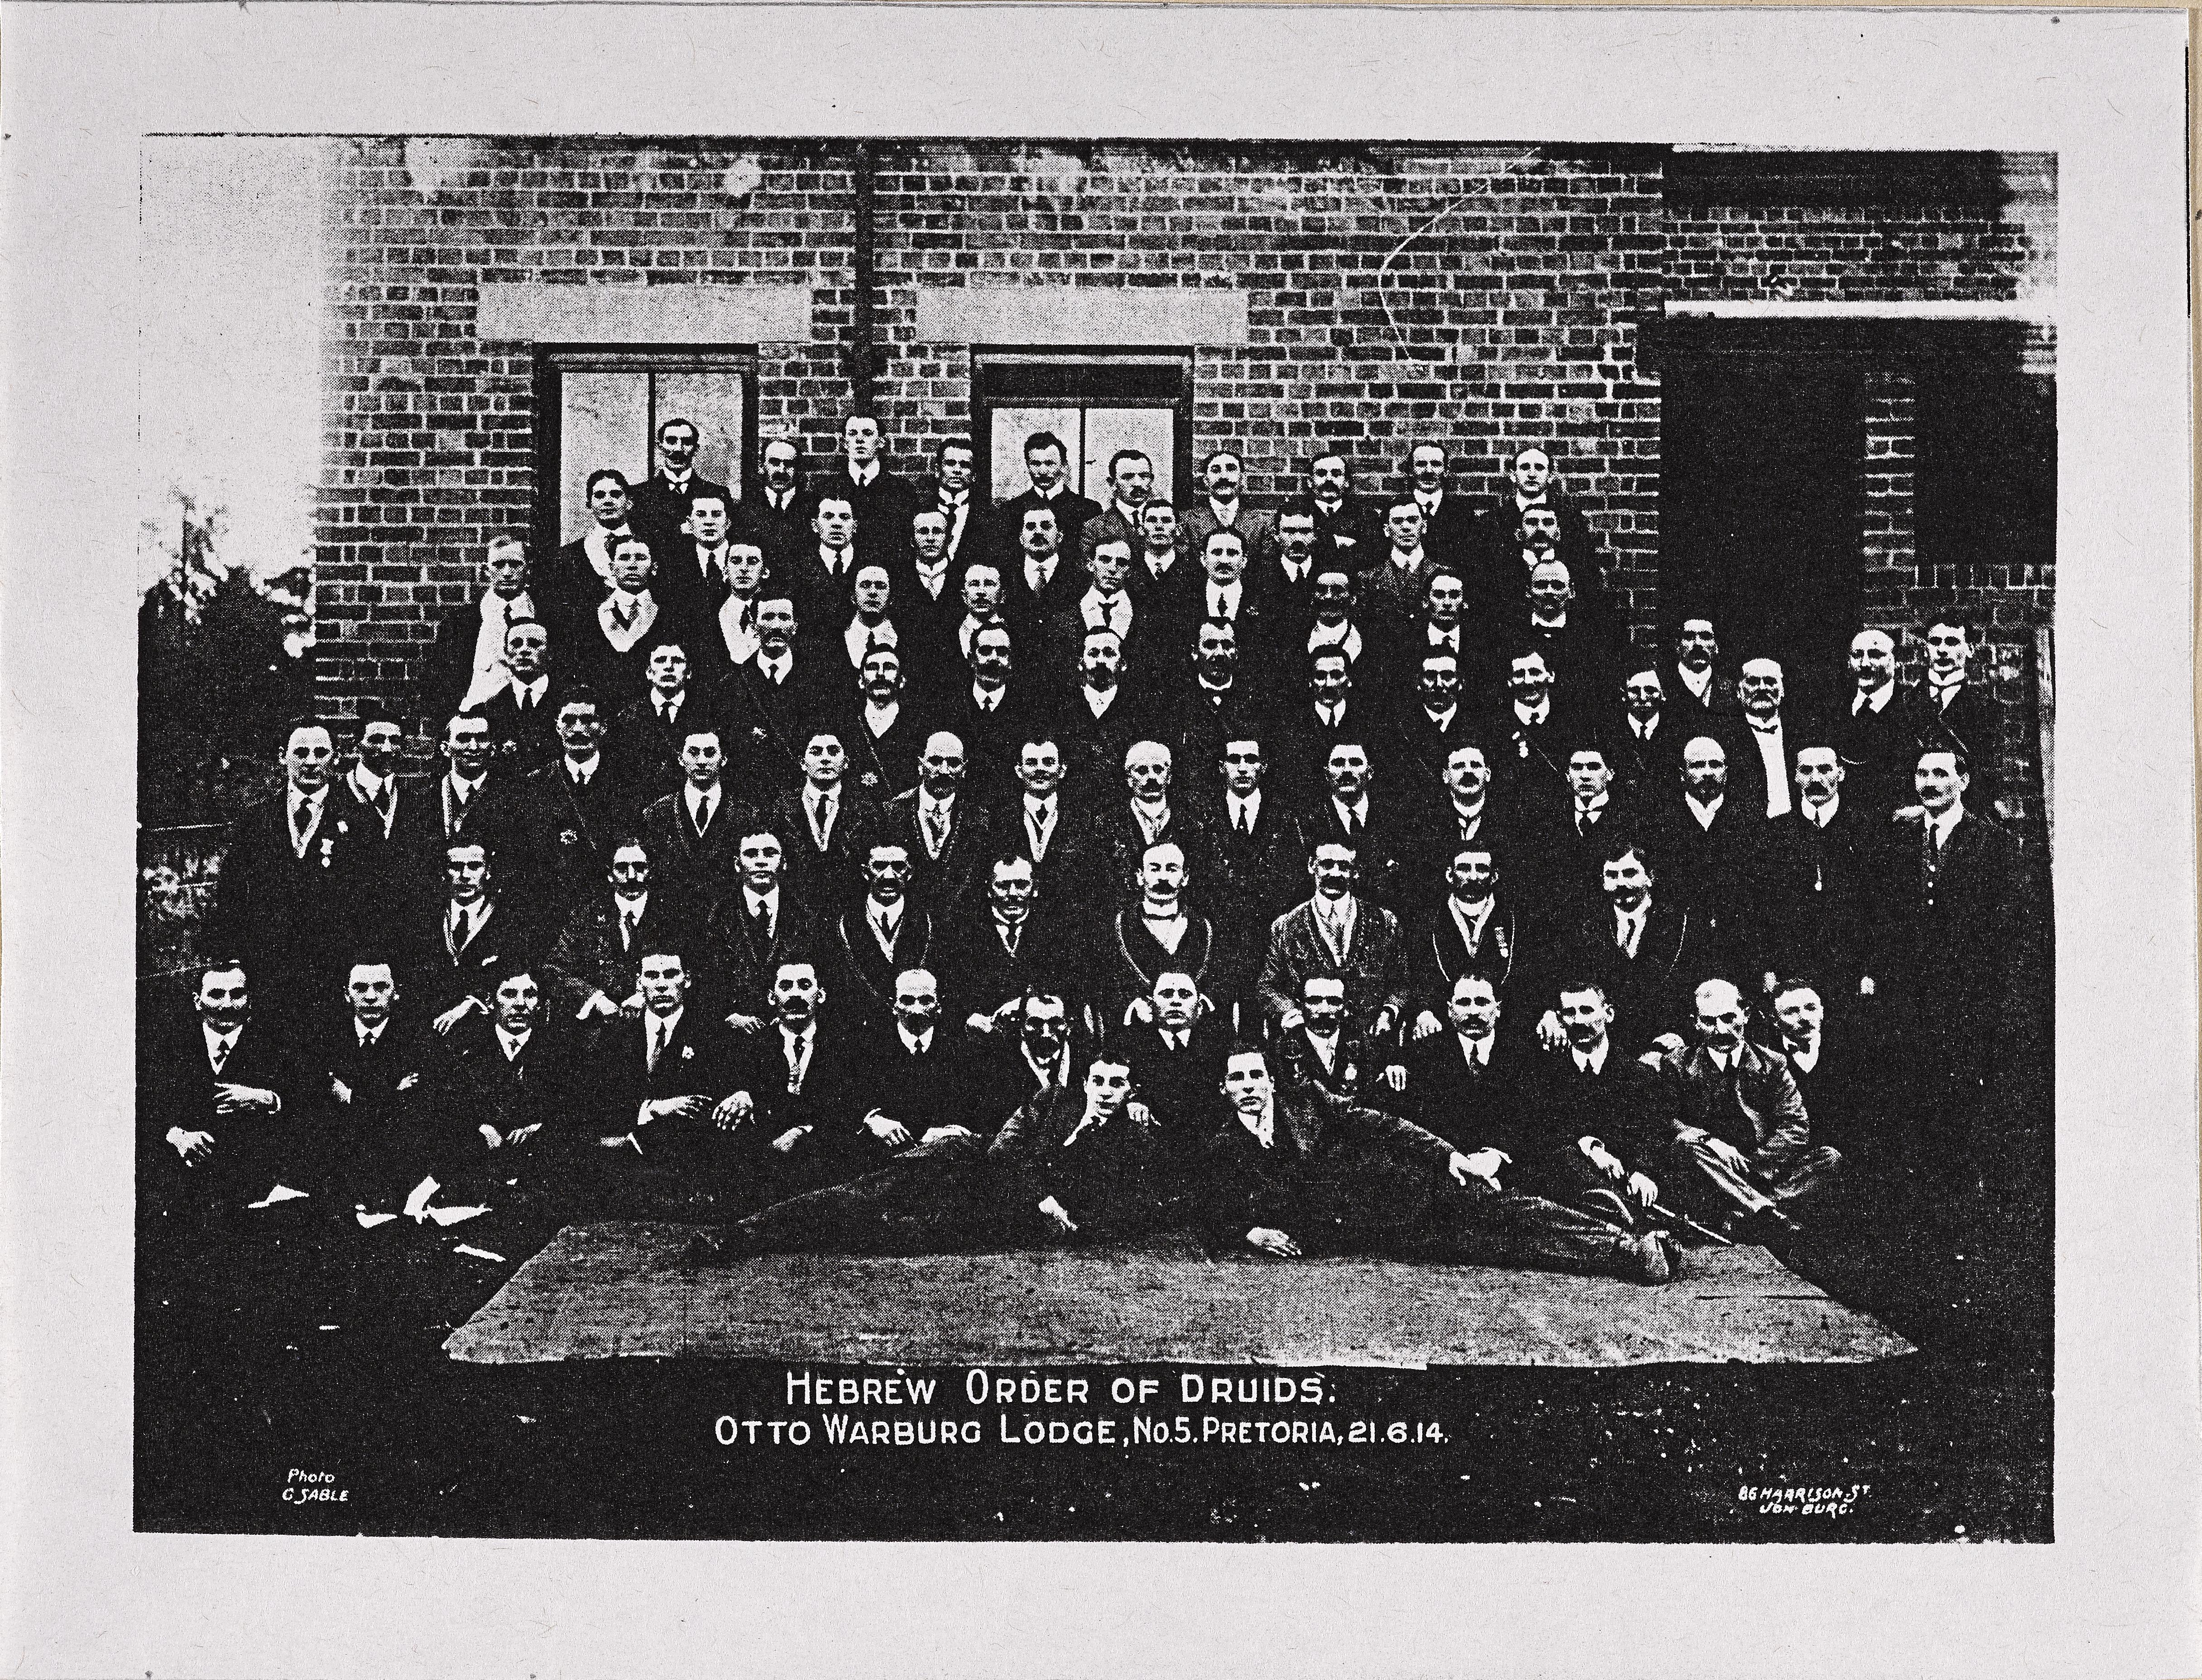 Otto Warburg Lodge